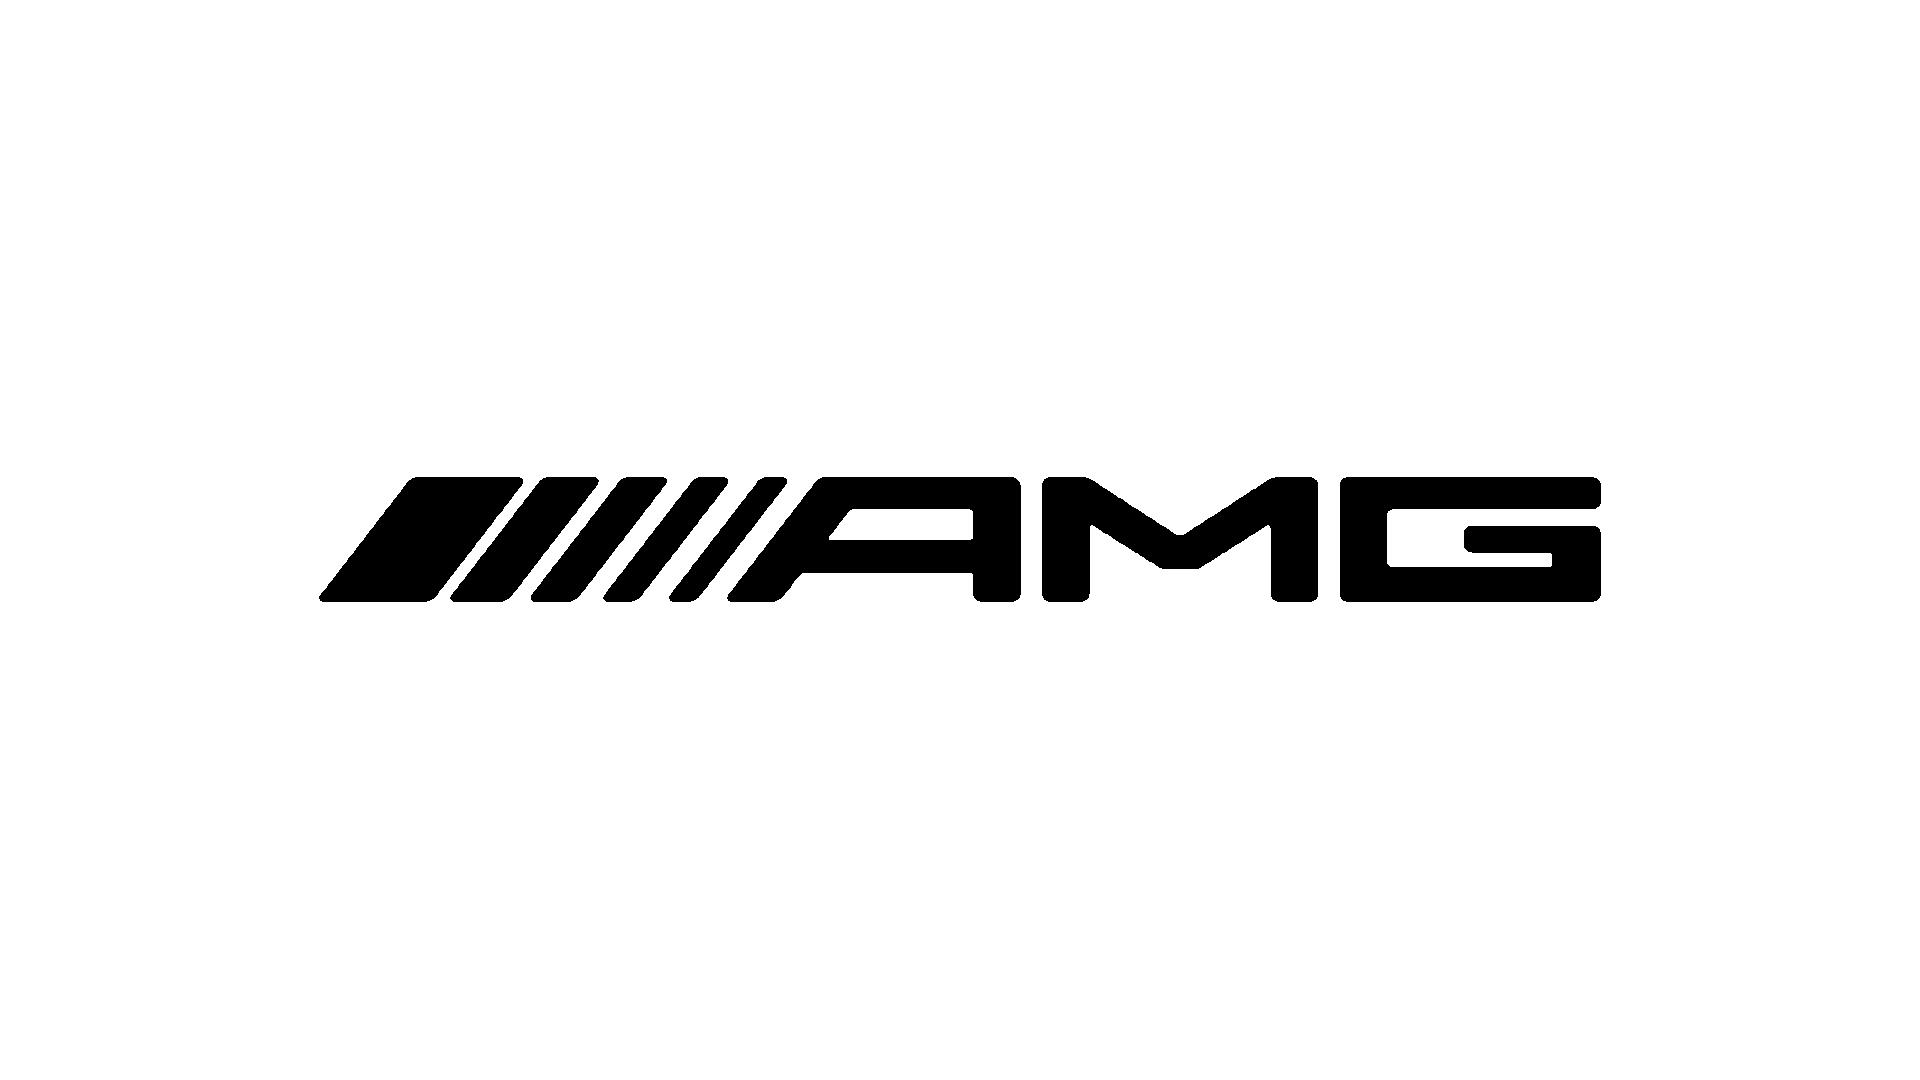 Mercedes Amg Logo Wallpaper Hd wwwpixsharkcom   Images 1920x1080